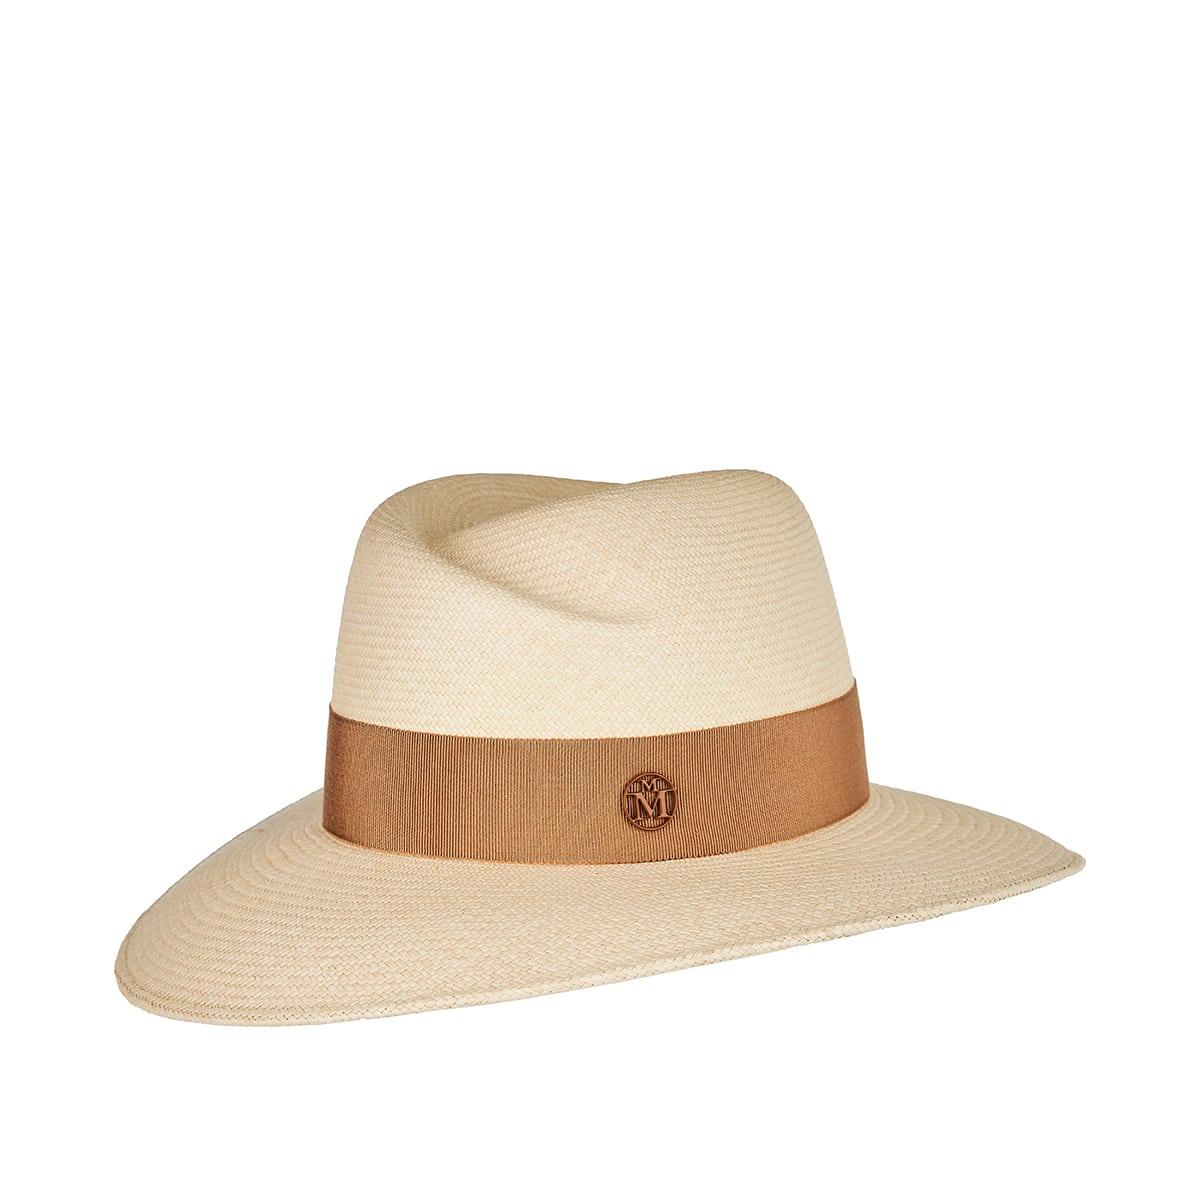 Virginie straw fedora hat